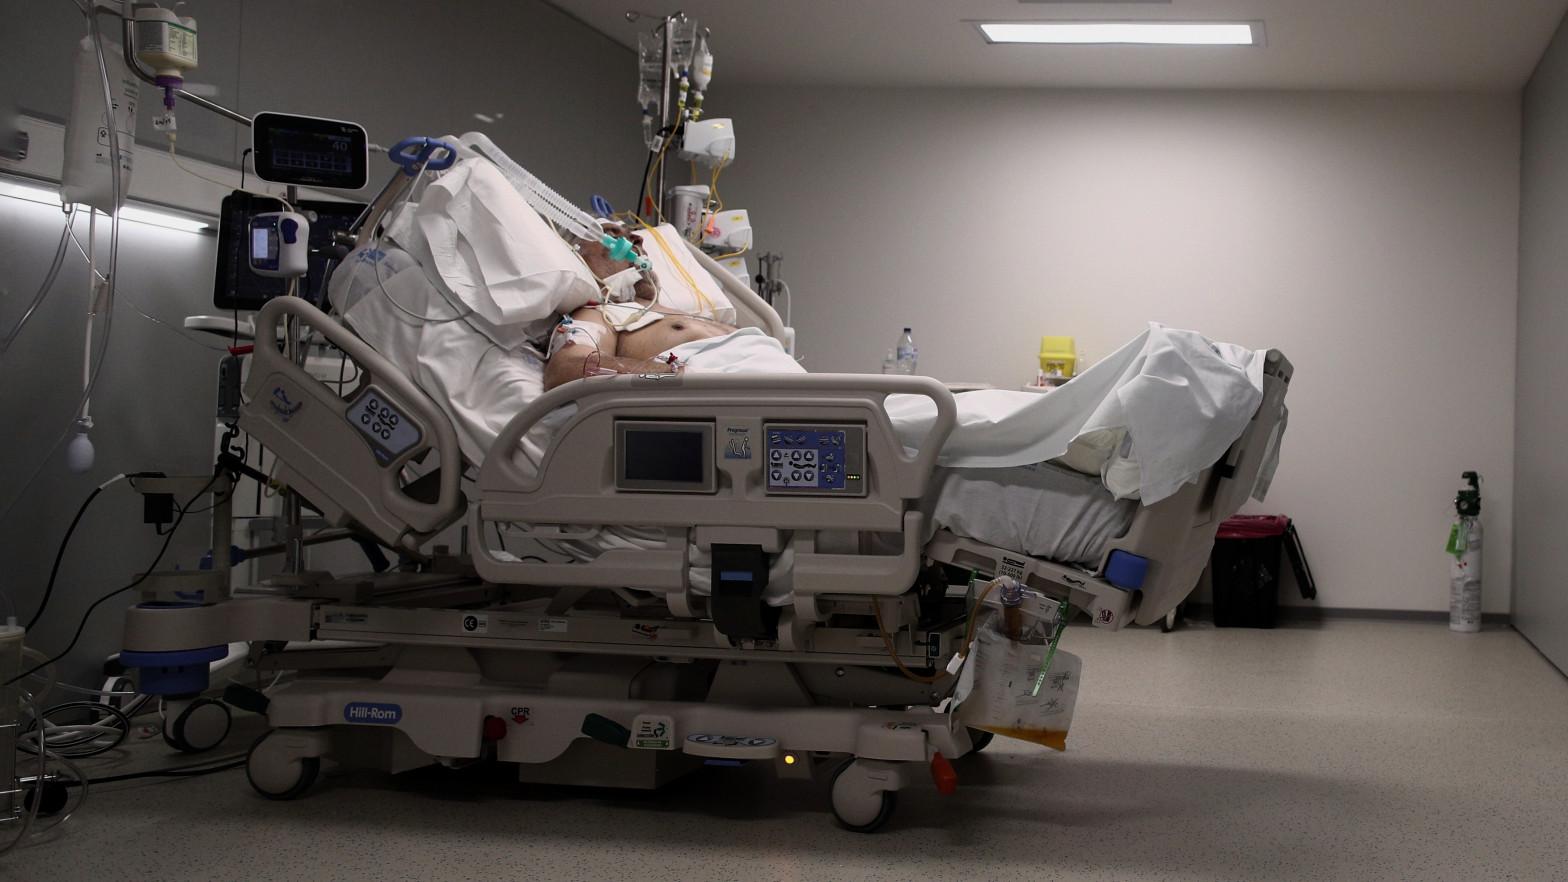 España registra 54 muertes por coronavirus en las últimas 24 horas y la incidencia sigue bajando